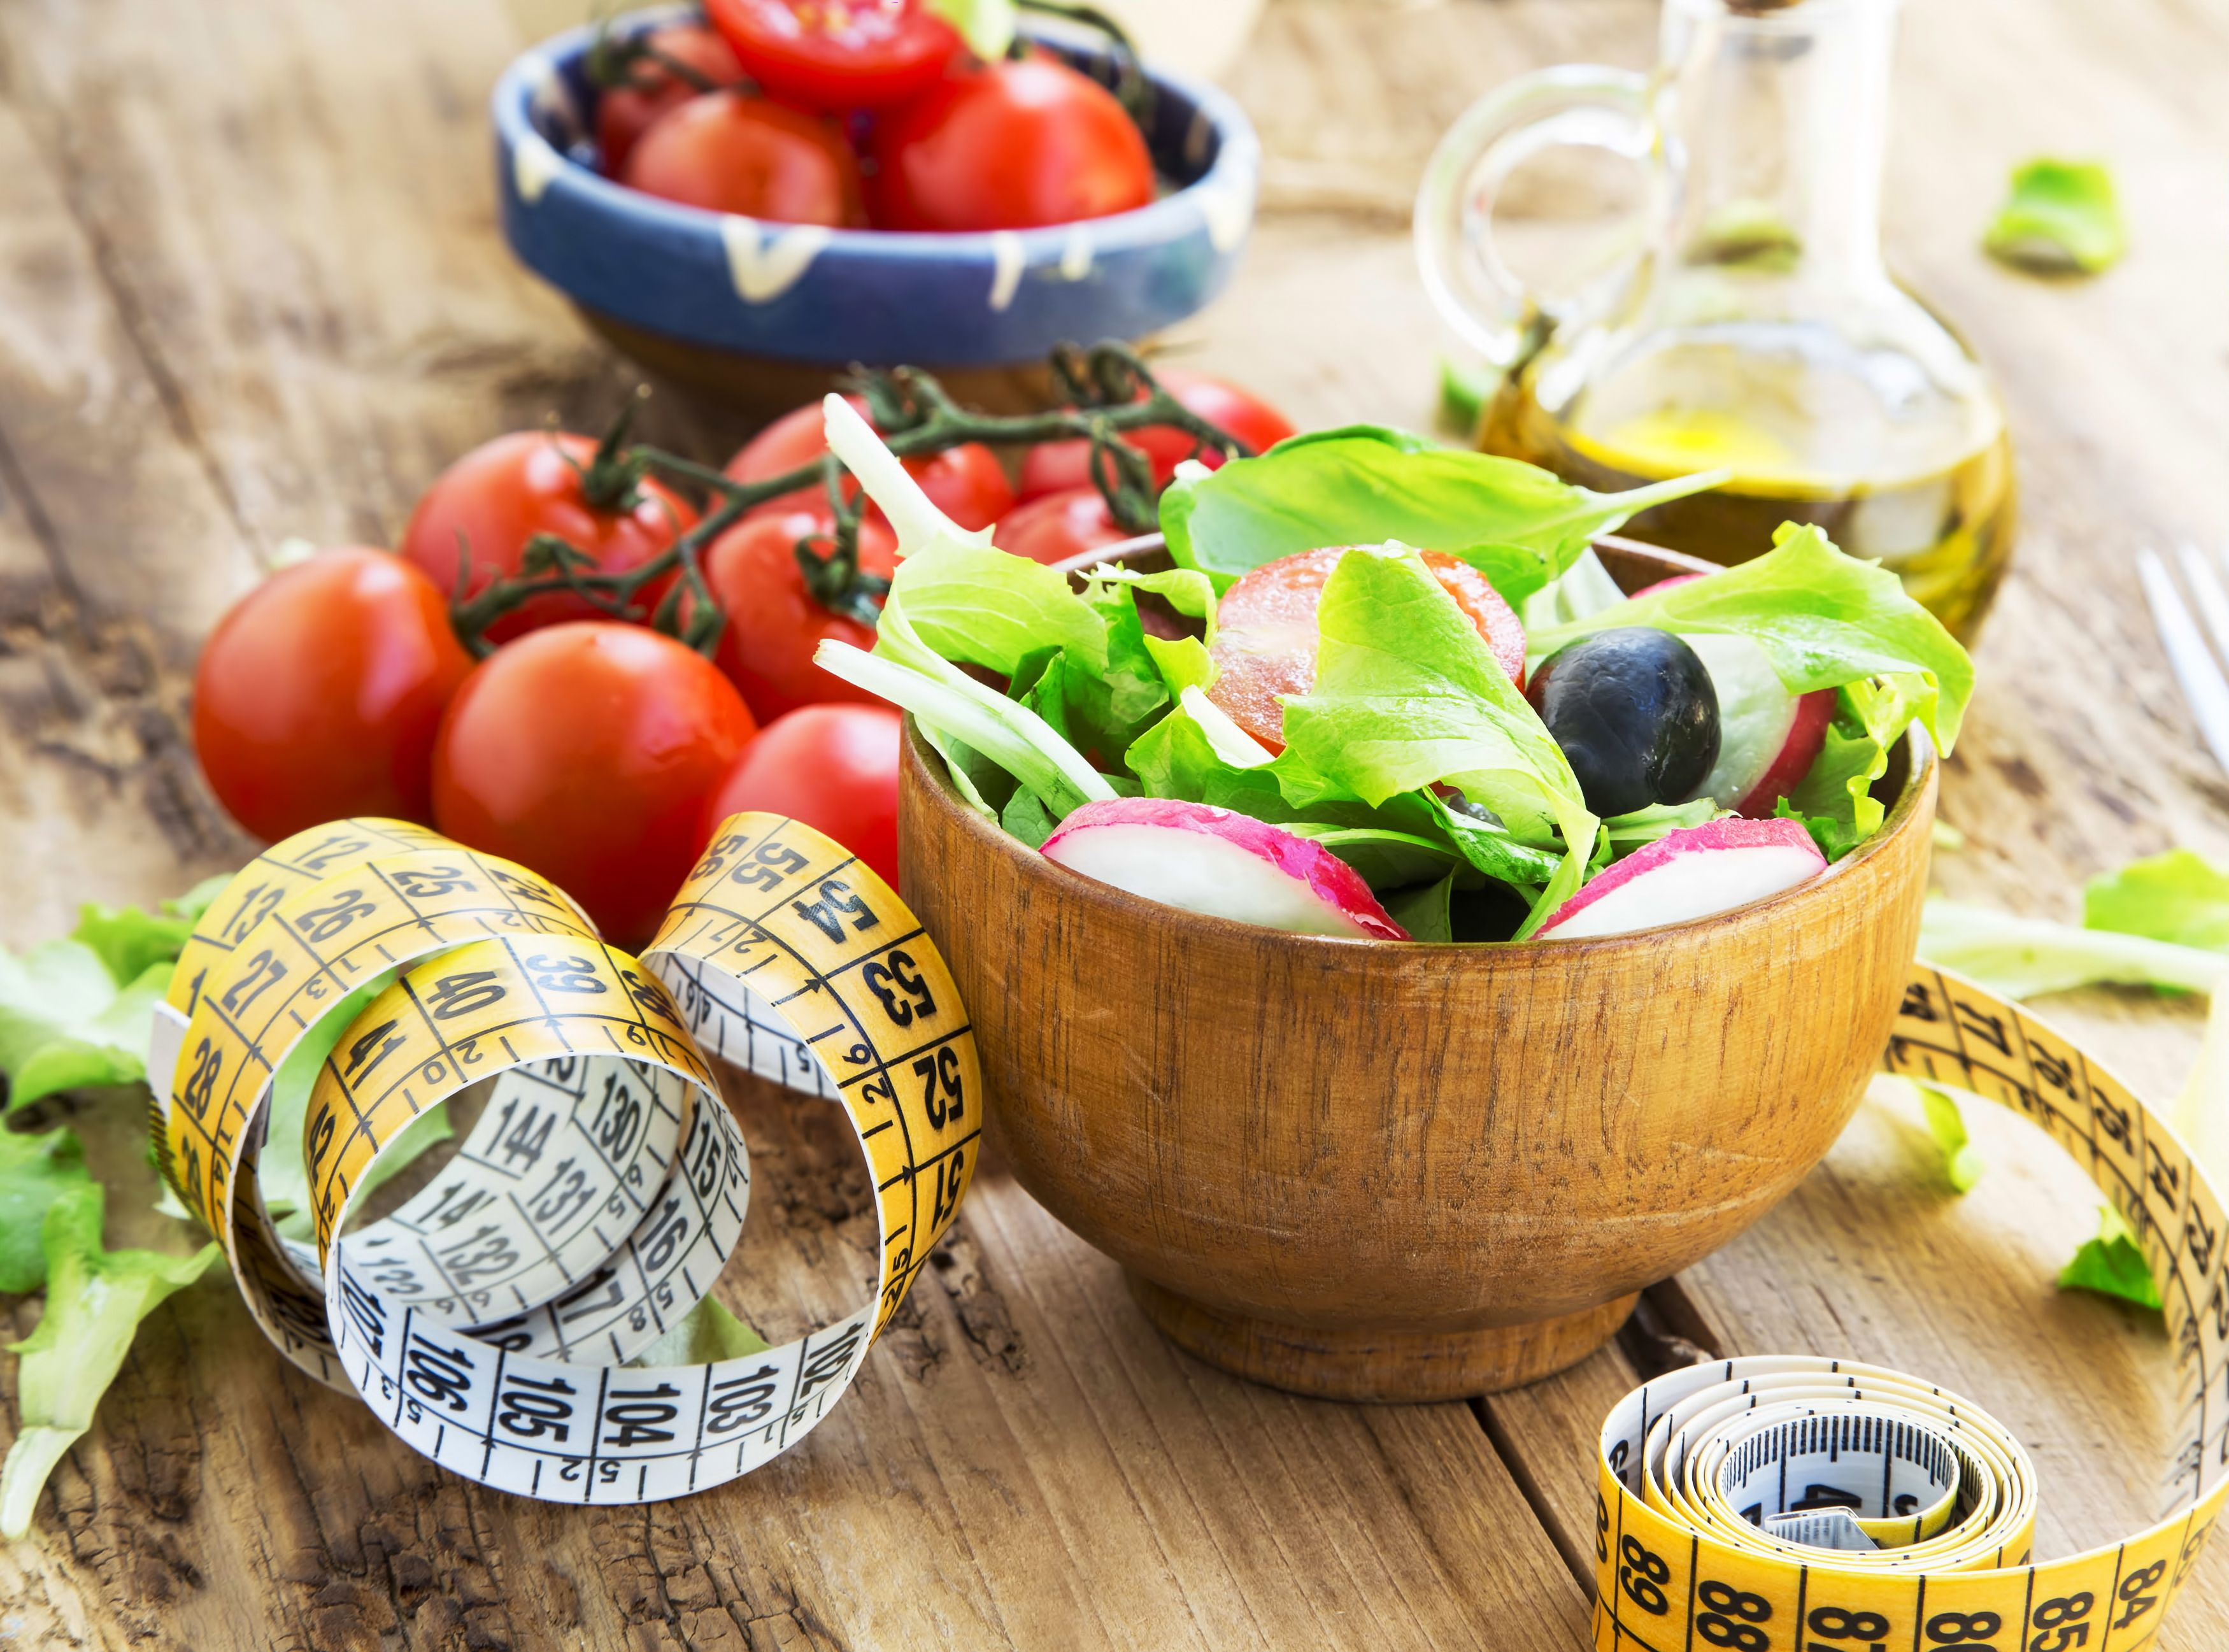 Tratamientos dietéticos: Dietética y Nutrición de Cristina Rodil Dietista-Nutricionista